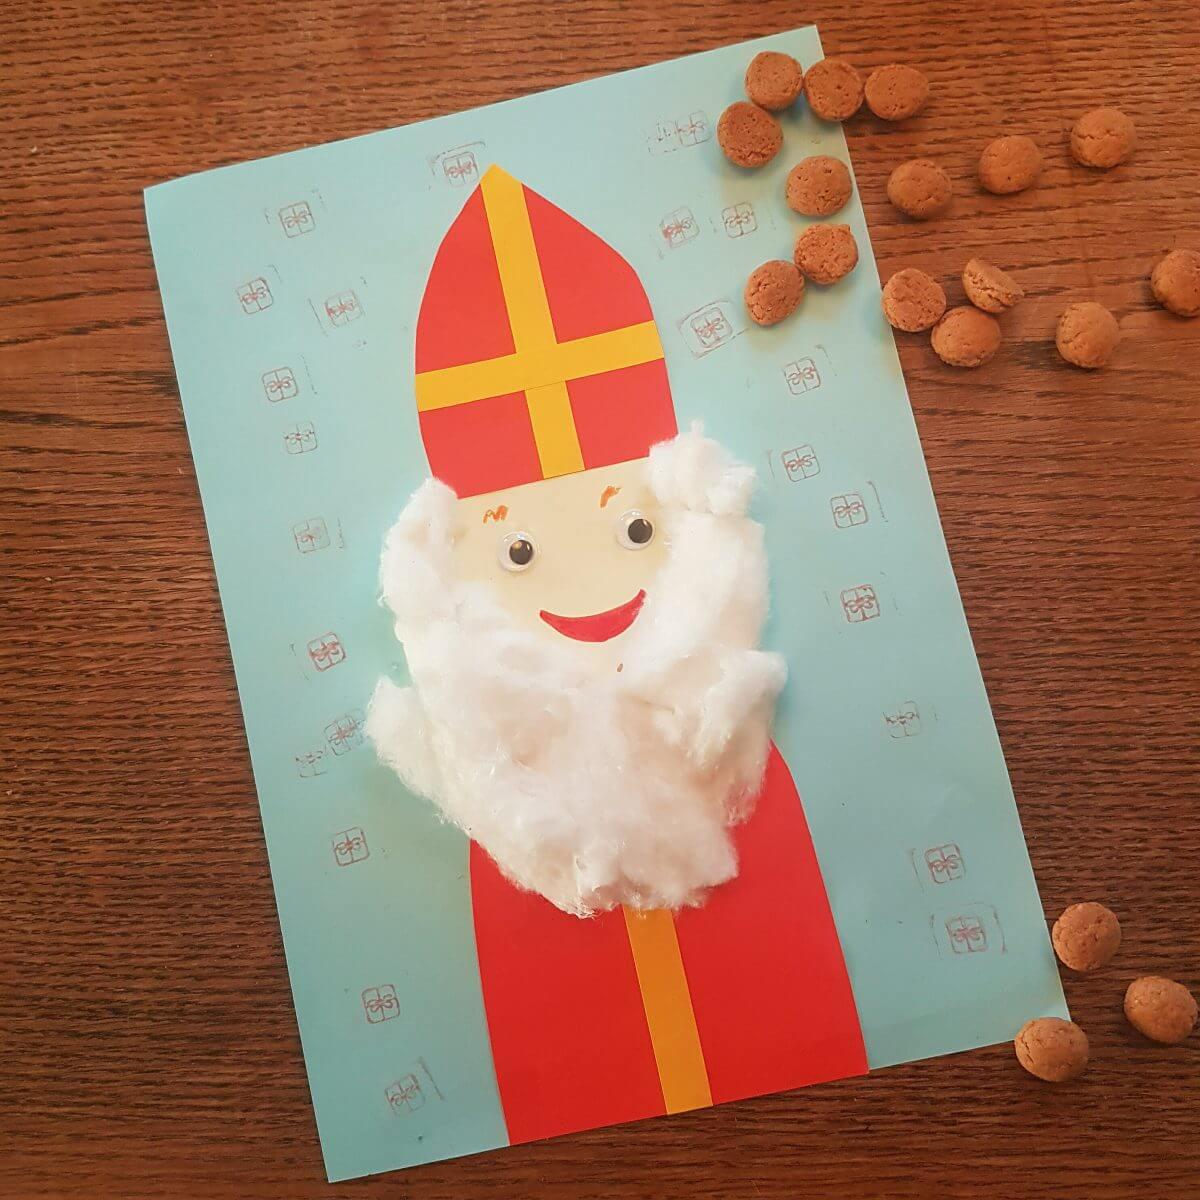 Sinterklaas met mijter en baard van watten: 101 ideeën om te knutselen